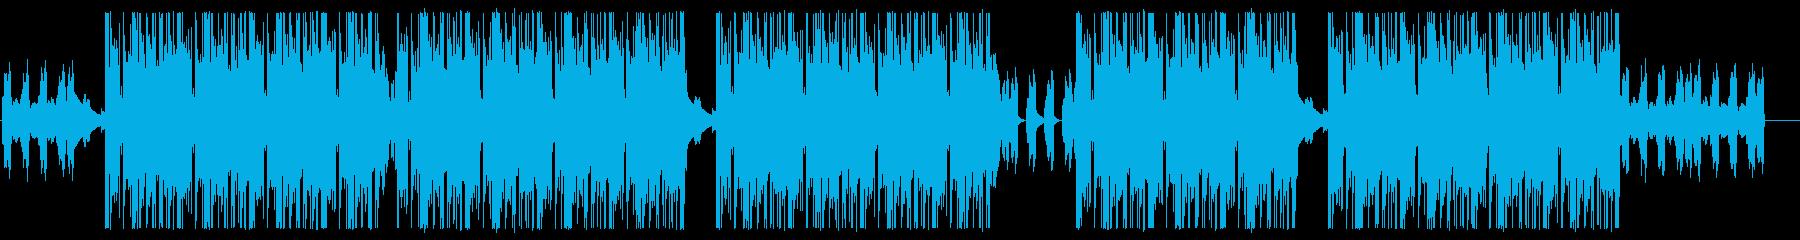 ダークに攻めるヒップホップ・トラップ♪の再生済みの波形